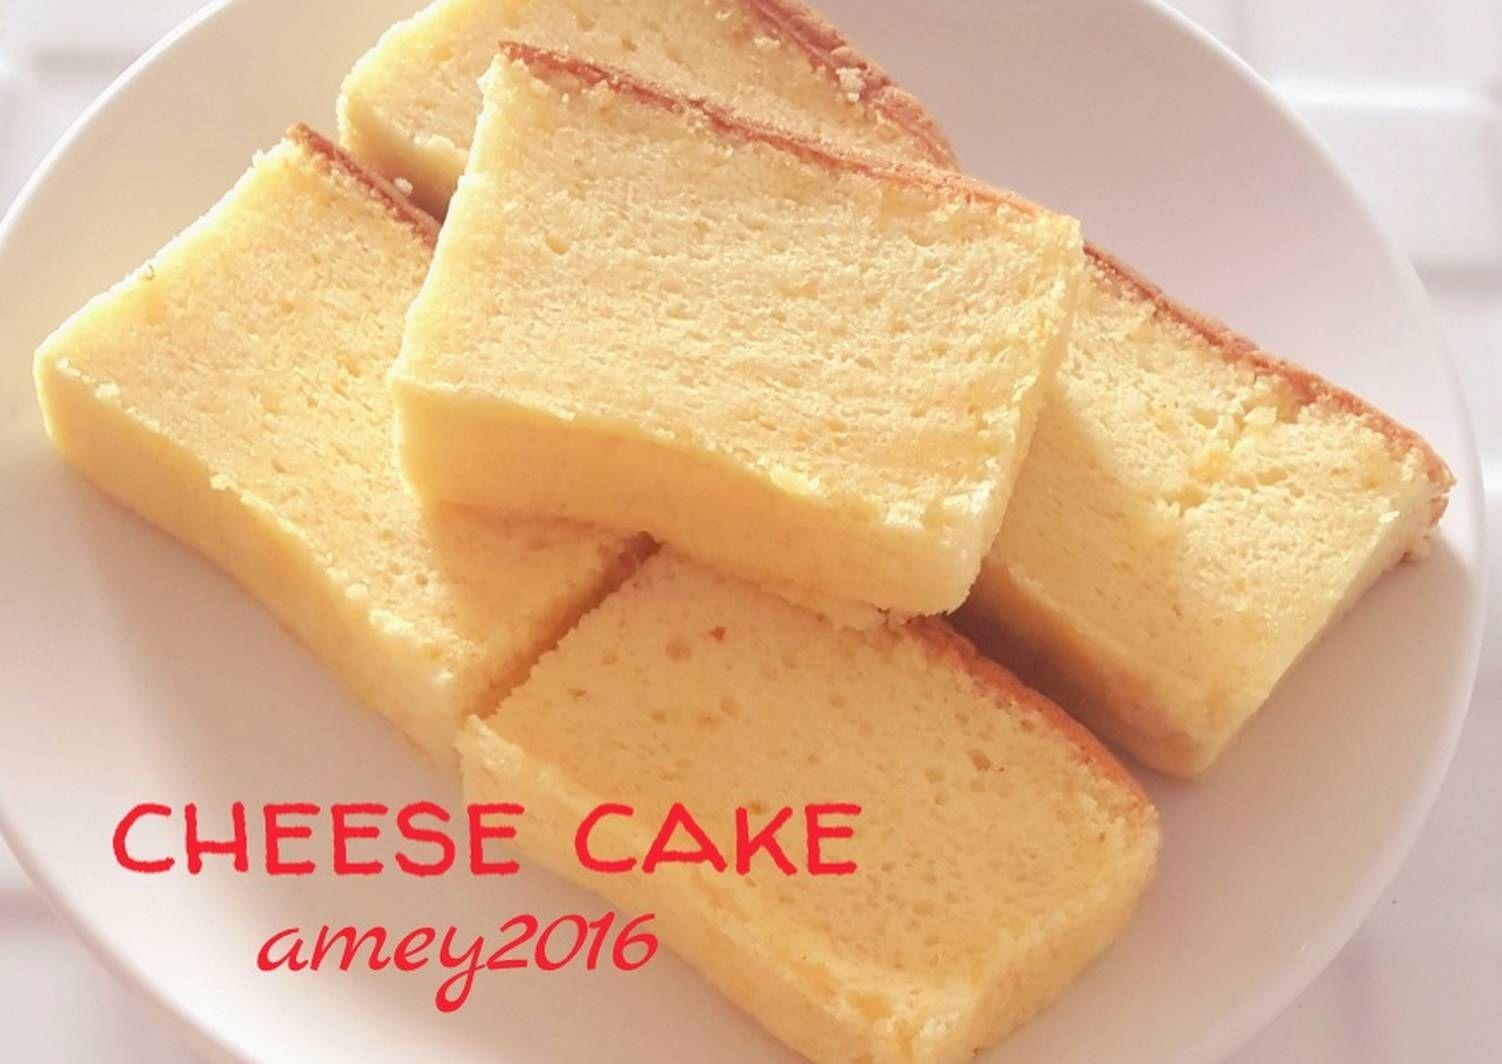 Resep Cheese Cake Oleh Amei Resep Makanan Makanan Manis Resep